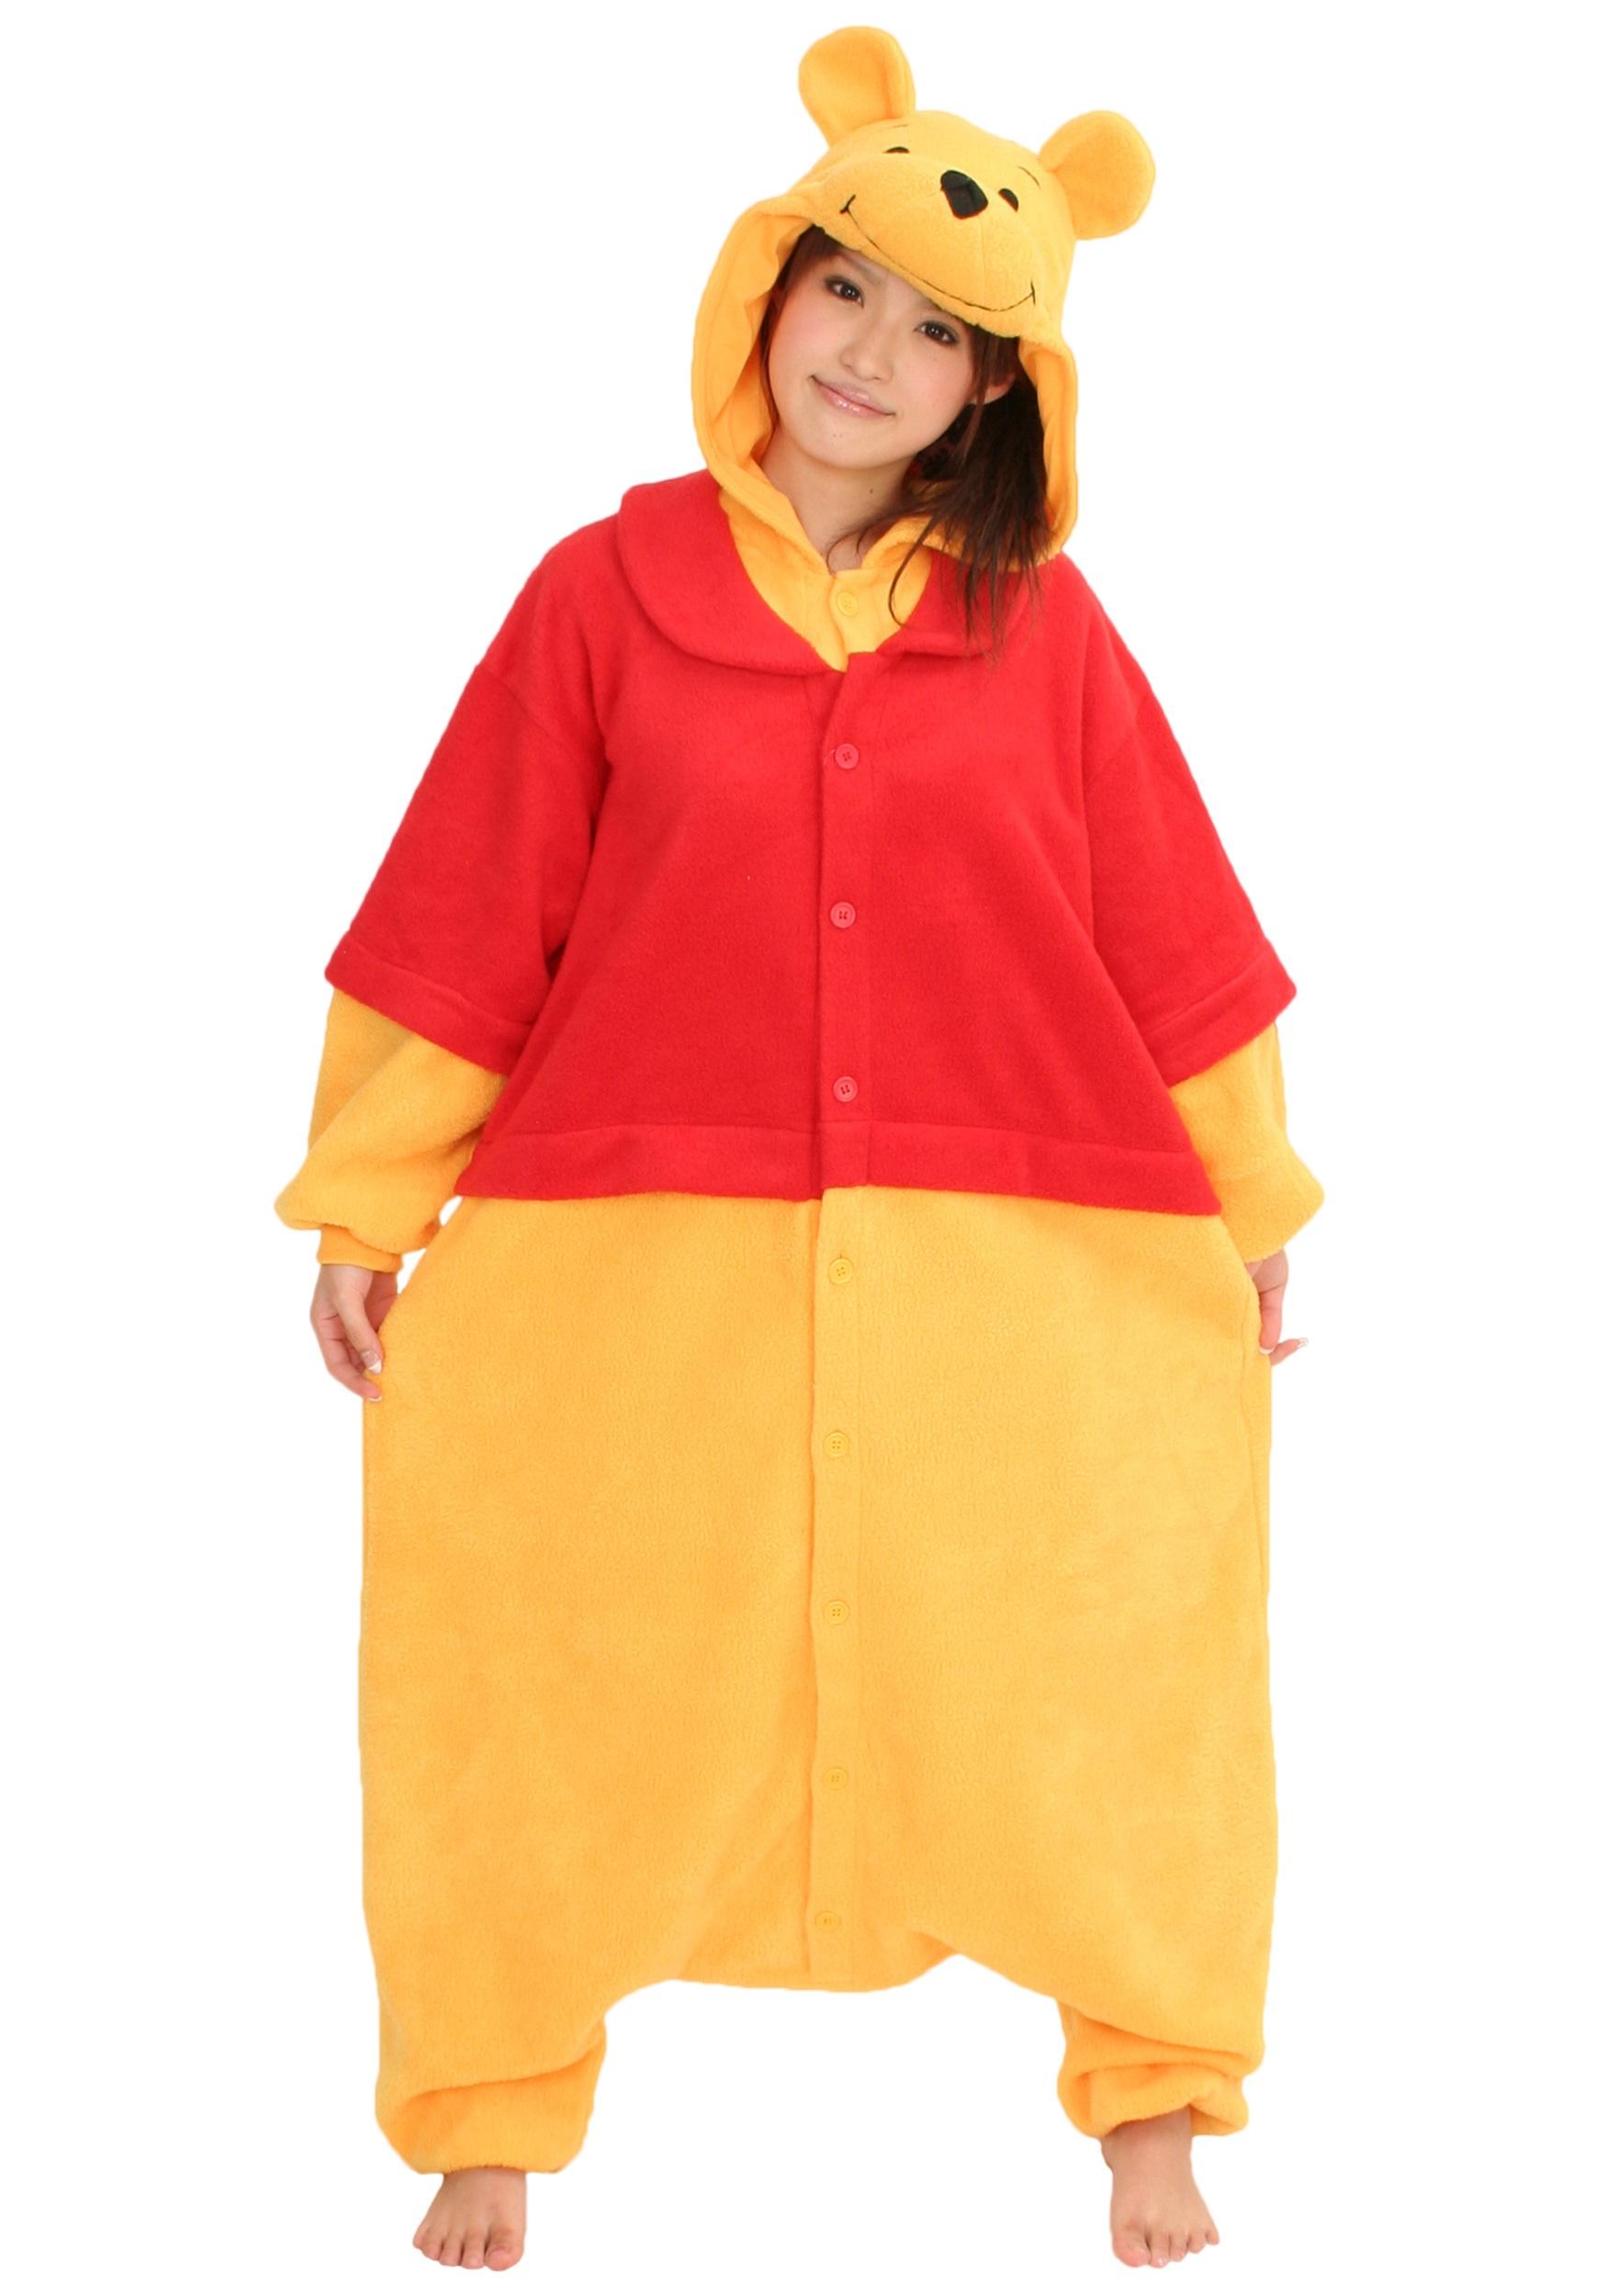 Pooh pajama costume solutioingenieria Images